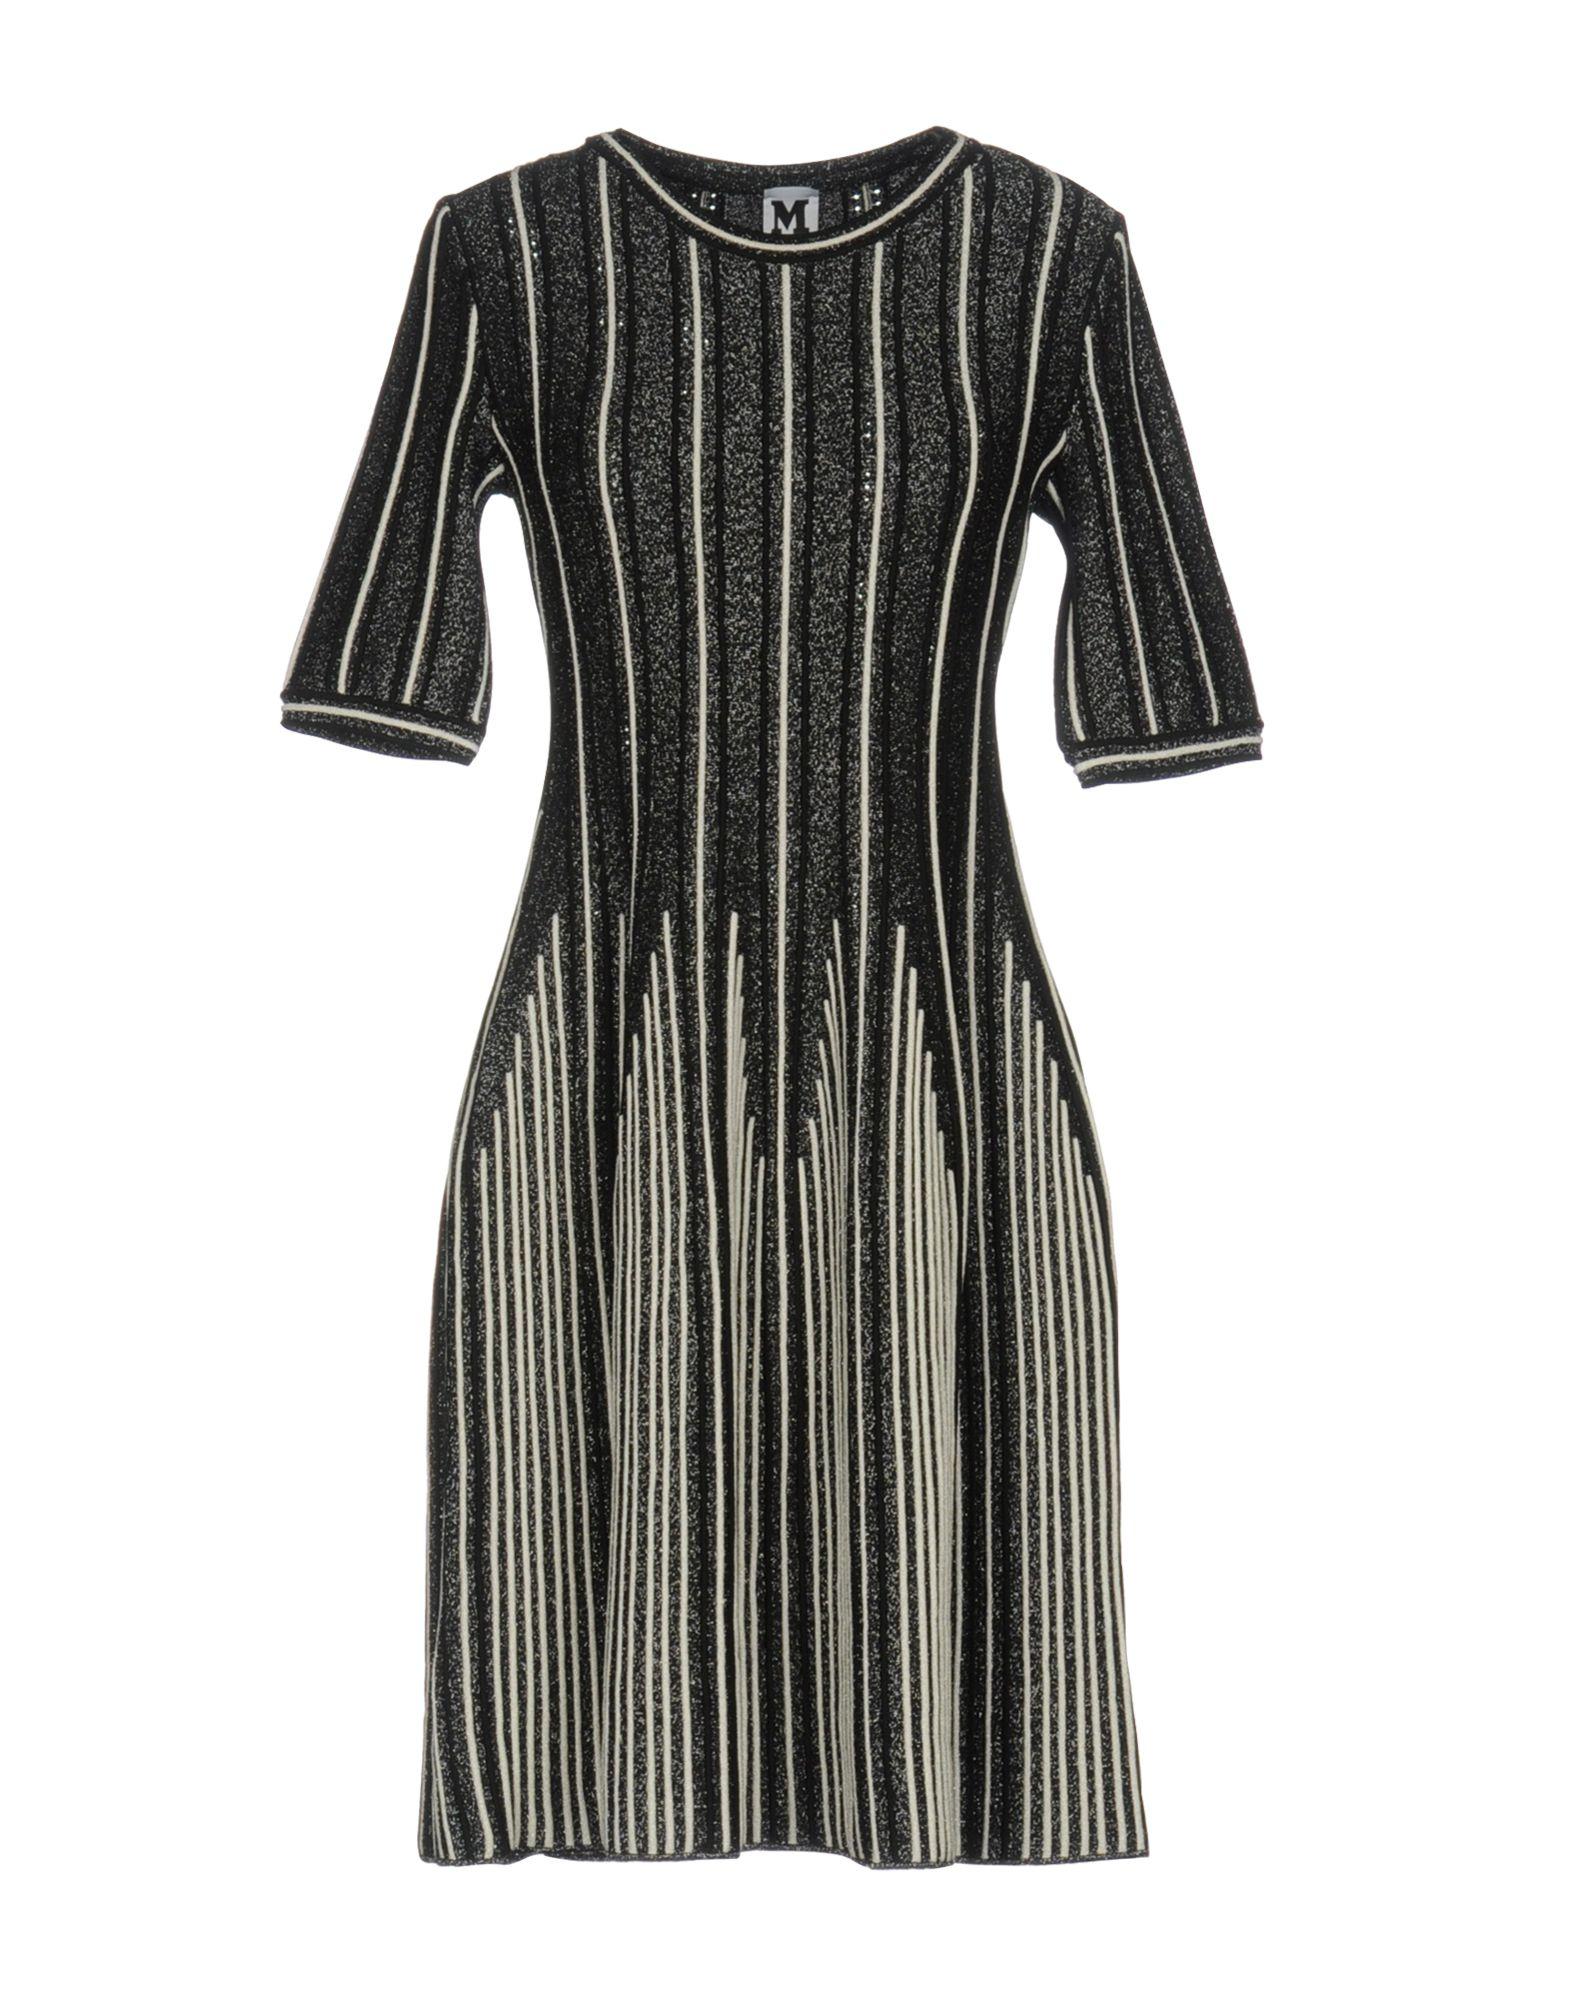 M MISSONI Damen Kurzes Kleid Farbe Schwarz Größe 3